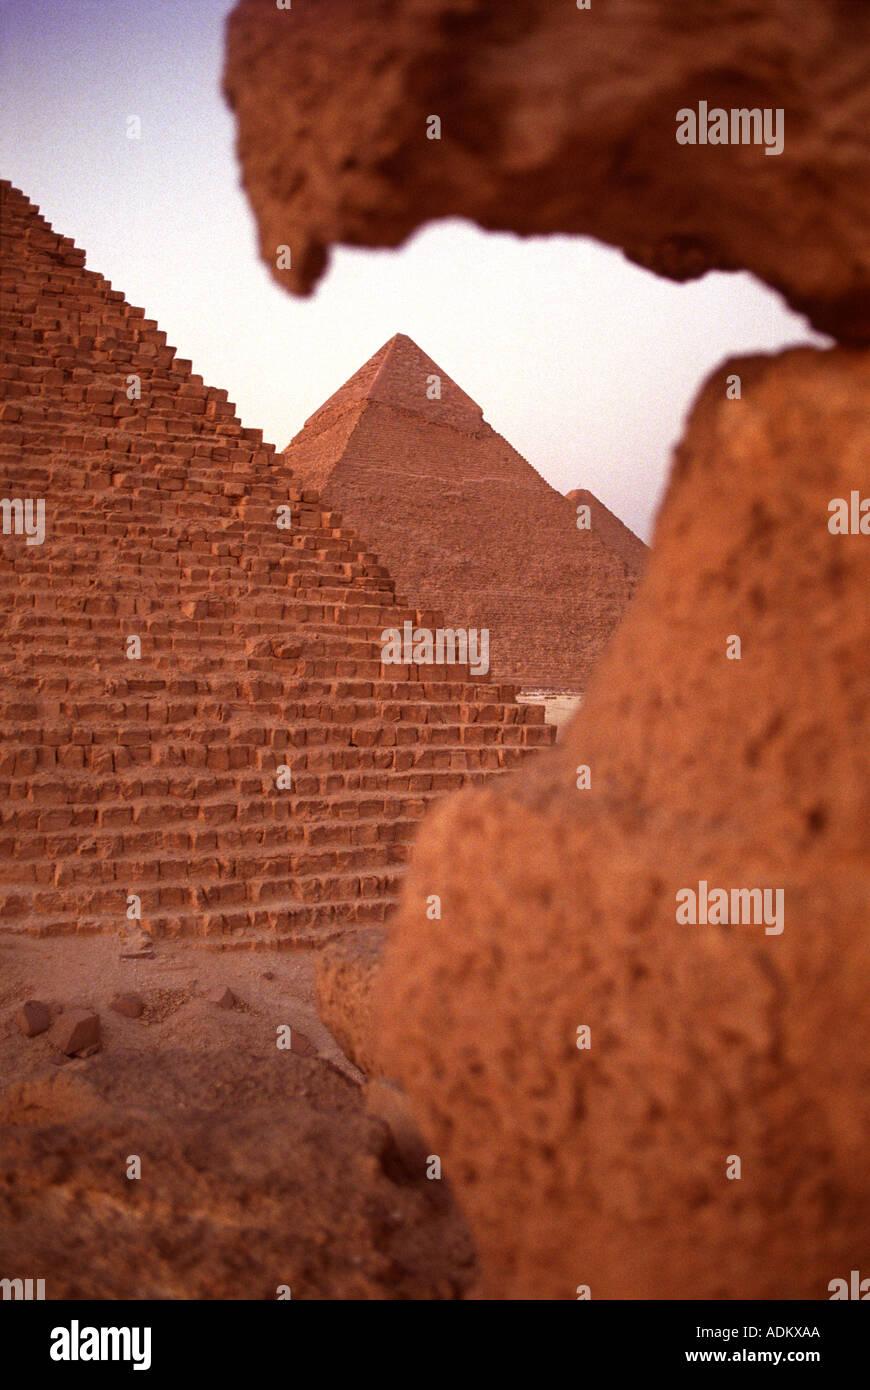 Las pirámides de Giza, cerca de El Cairo Egipto Foto de stock